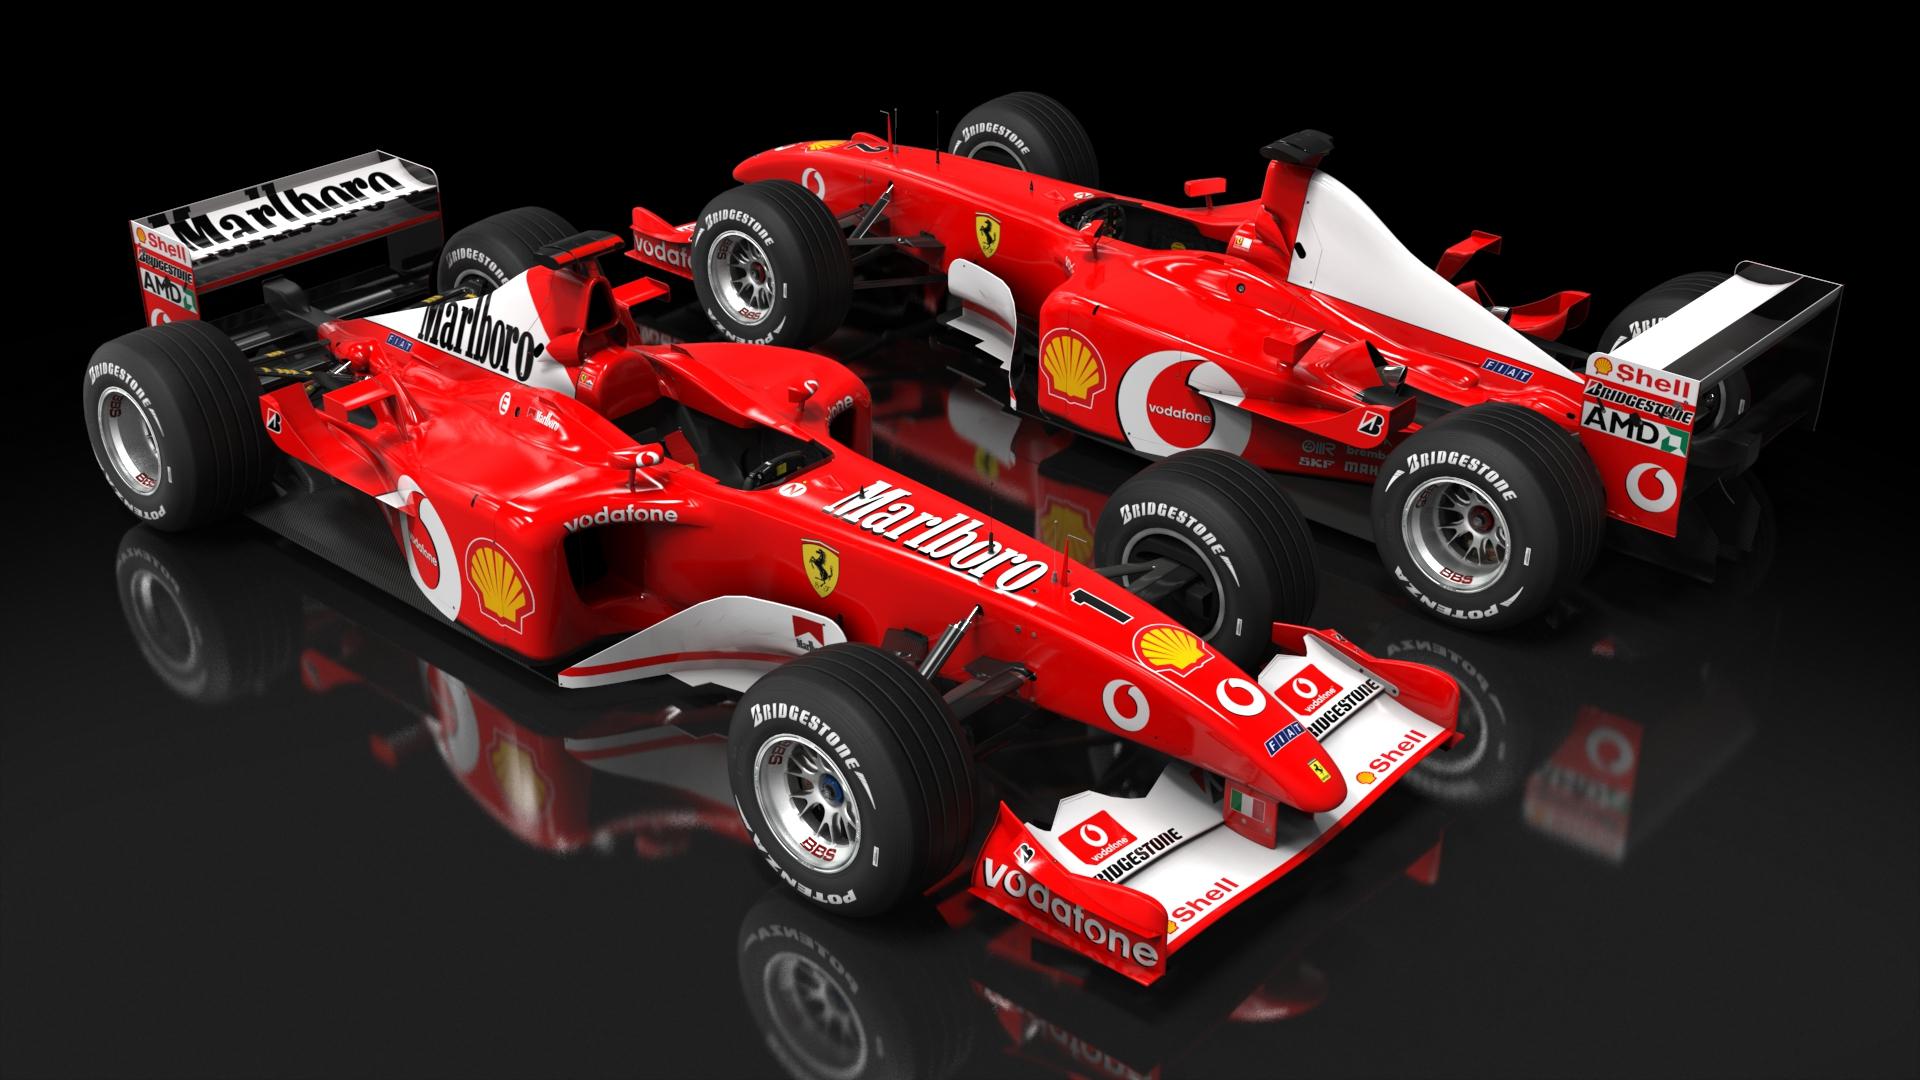 KeepFightingMichael: Ferrari F2002 az Assetto Corsa szimulátoros játékban